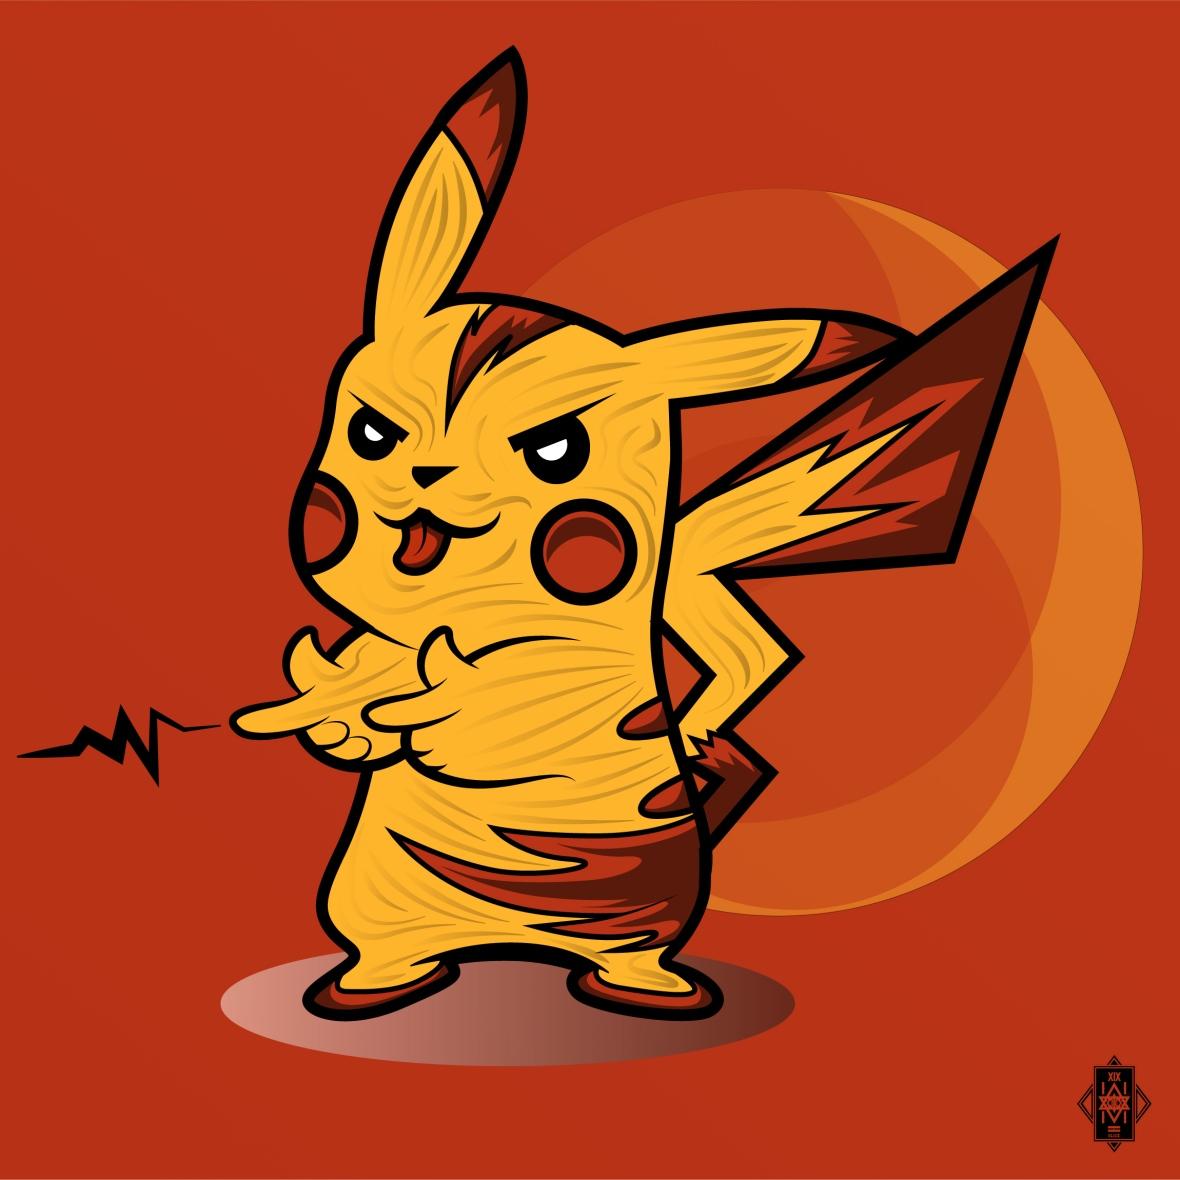 Pikachu-SlickArt.jpg